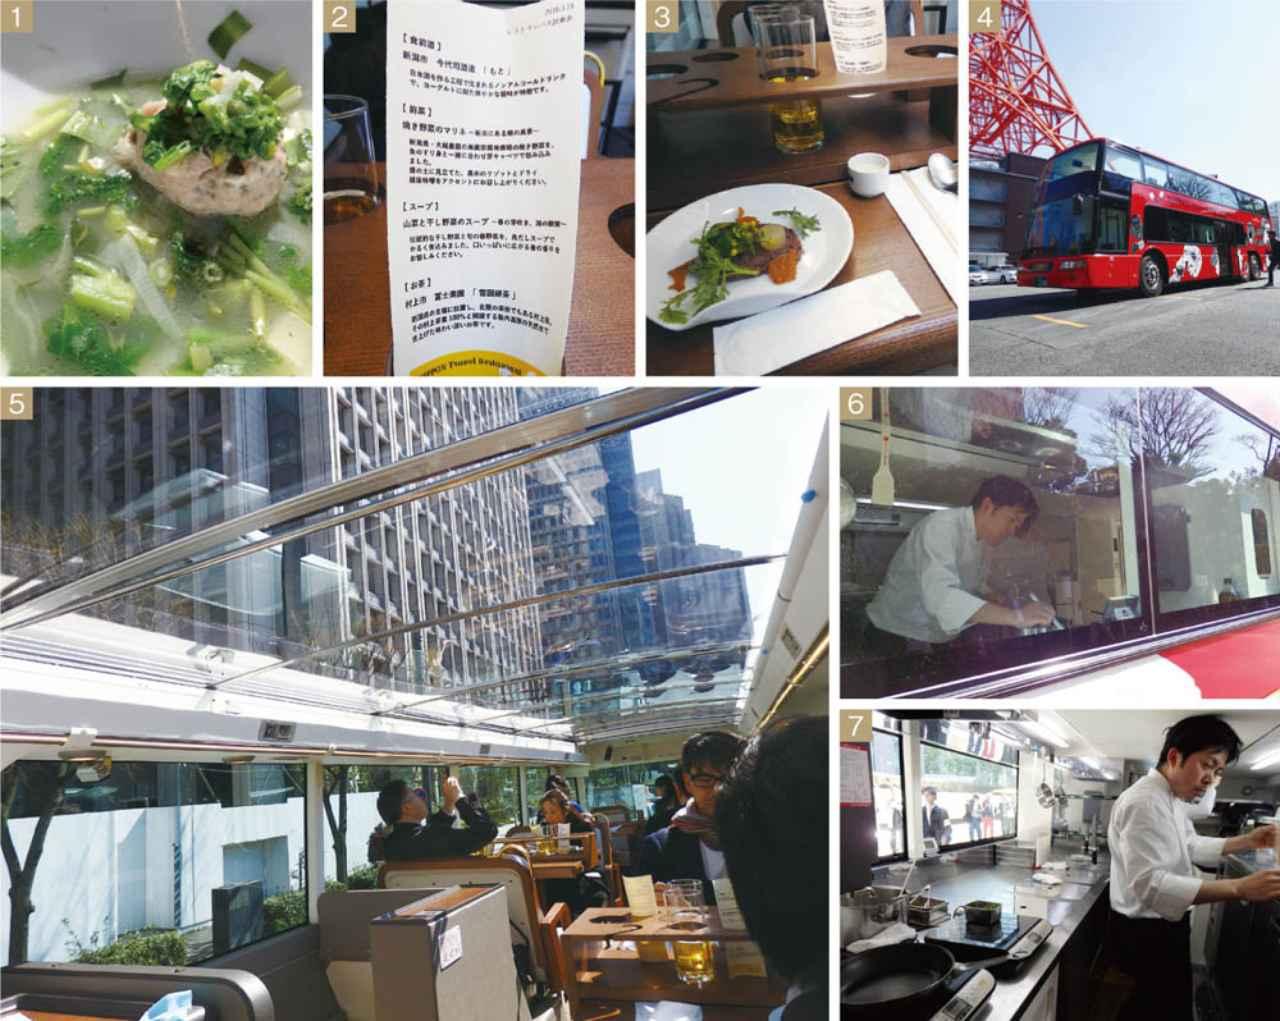 画像: 1.メニューは新潟を意識。伝統的な干し野菜と旬の春野菜を使ったスープ。優しい味わいに野菜の緑。口内も視界も春でいっぱい!  2.テーブルには本日のメニュー  3.前菜、食前酒にも新潟があふれる  4.1階の黒い部分がキッチン  5.2階は座席エリア。テーブルを挟む形でセットされていた。オープントップにもなる!  6.キッチンは外からも見られる  7.キッチン内部。調理は電気で行われる